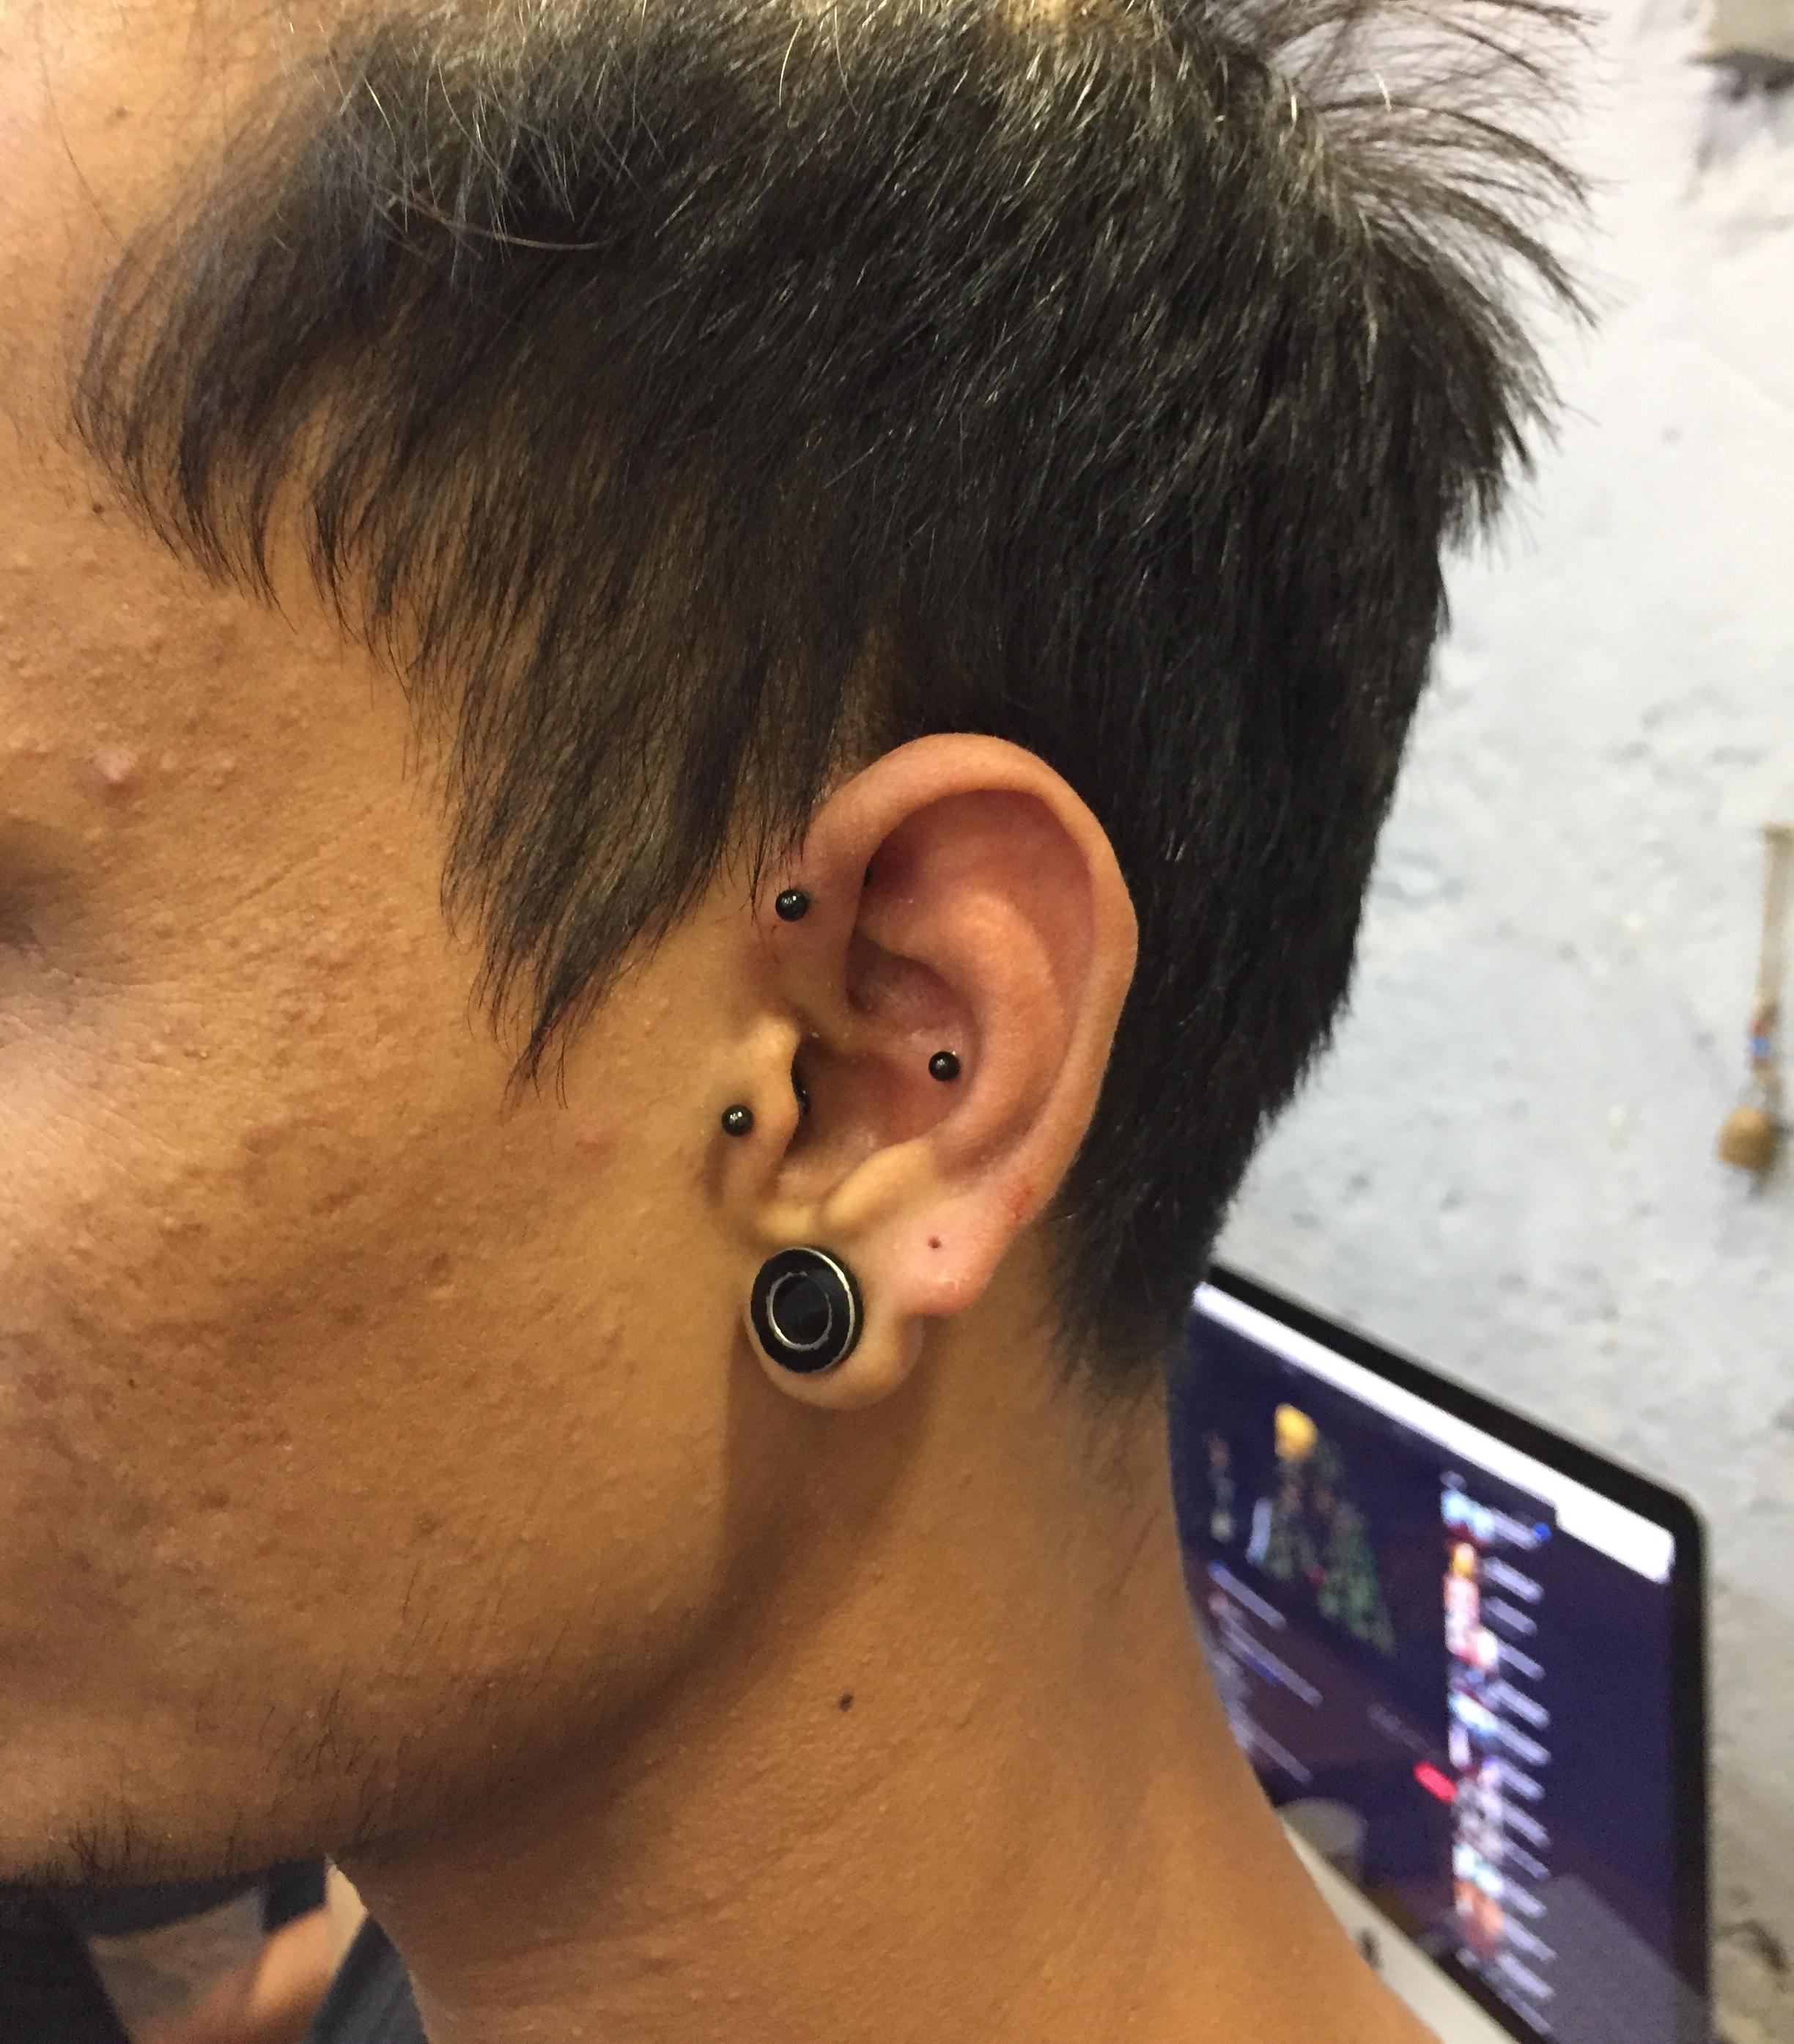 EAR TRIANGLE PIERCING